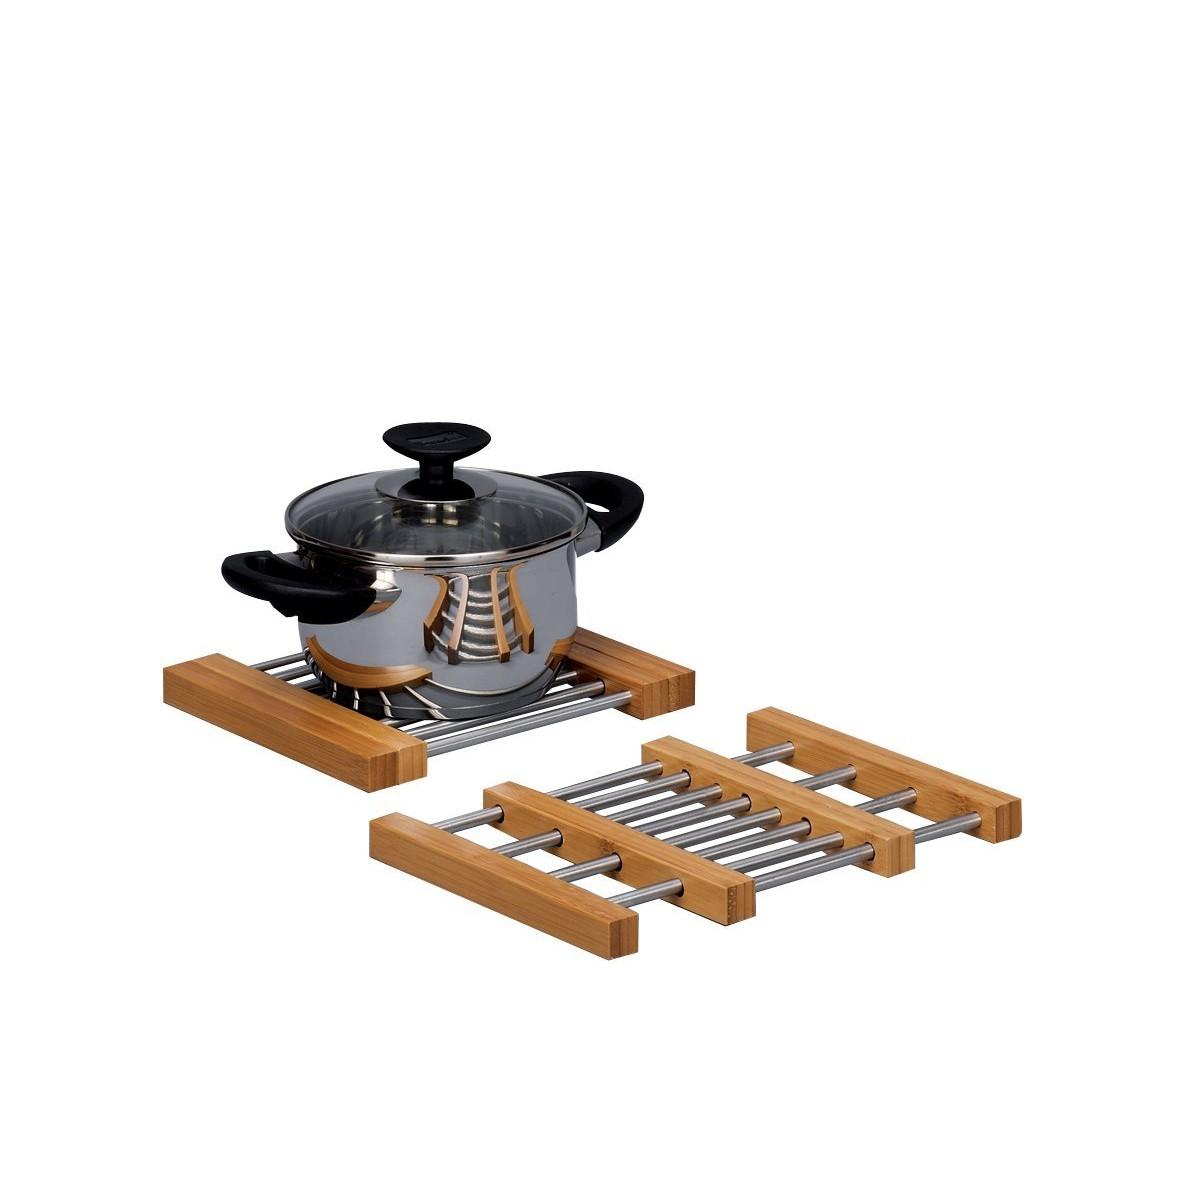 Подставка под горячееZeller пропитывает свою продукцию гармонией и новизной. Данная подставка создана специально для того, чтоб уберегать столешницы от высоких температур.<br>